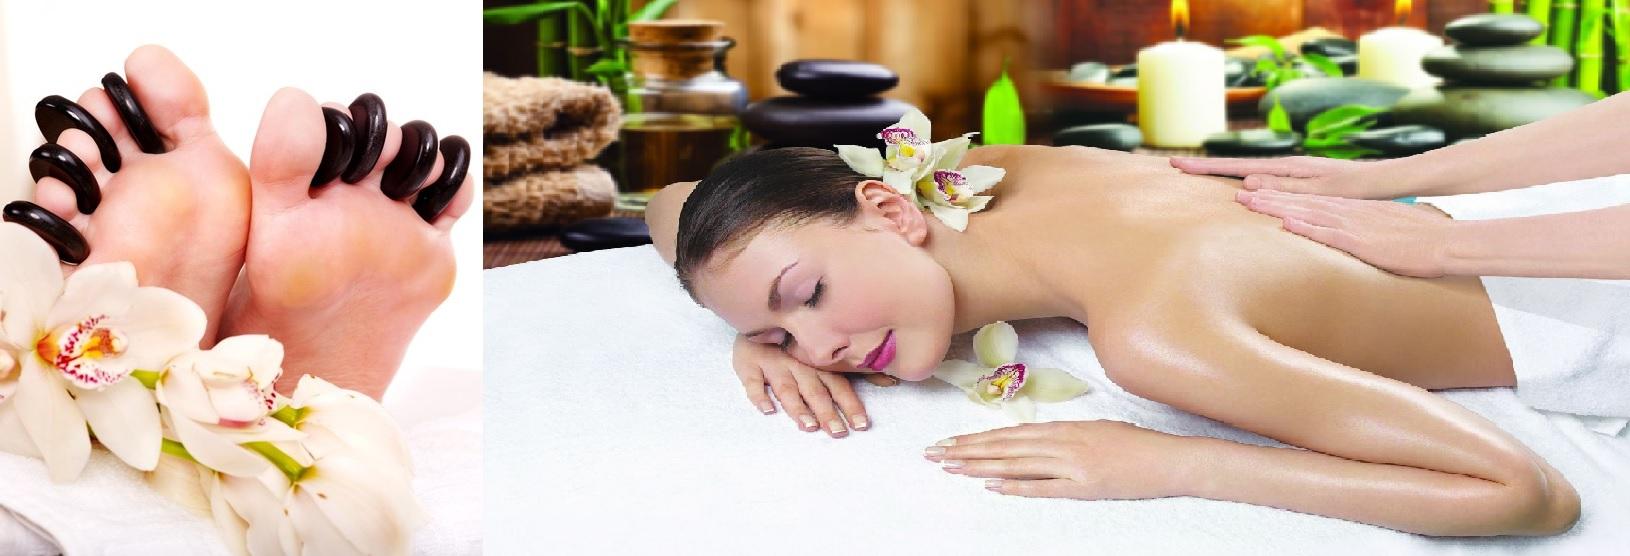 Massage-nail-spa-68.-da-nong